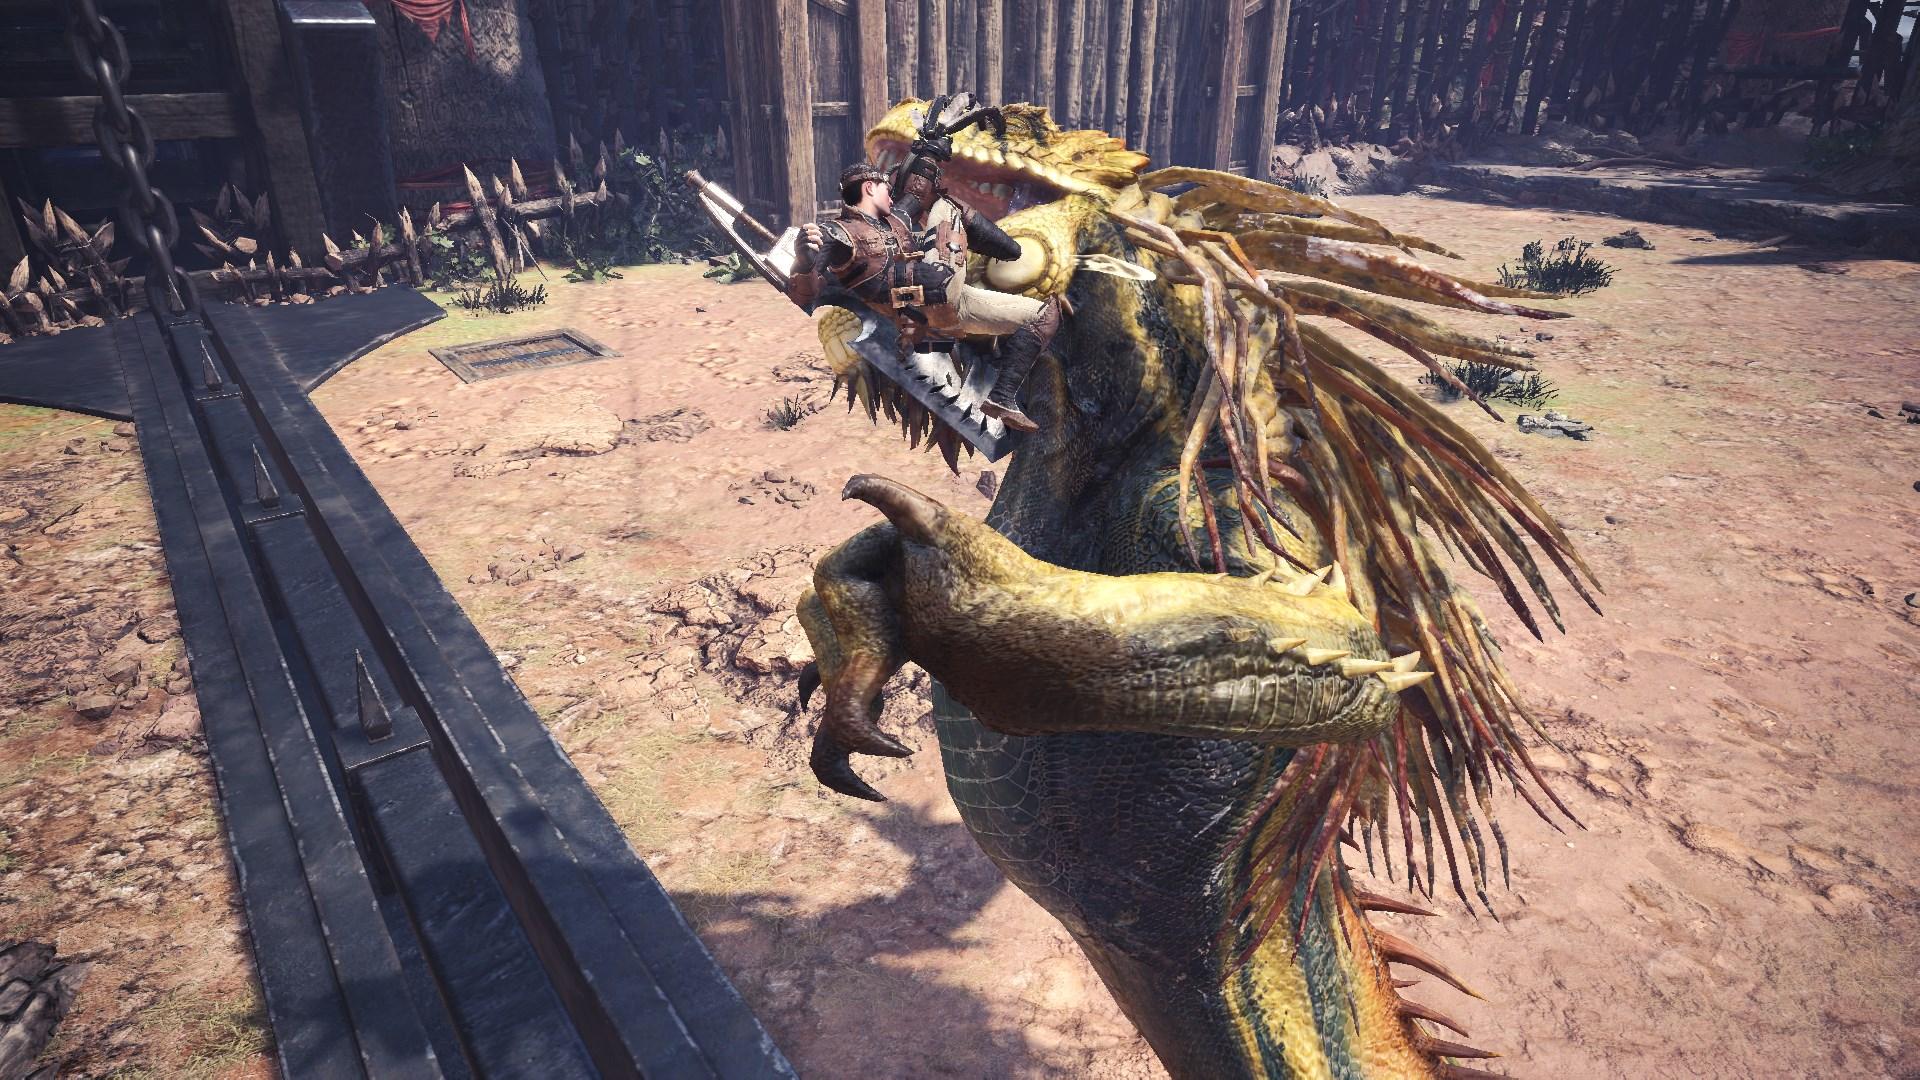 Monster Hunter: World Iceborne gameplay trailer, release